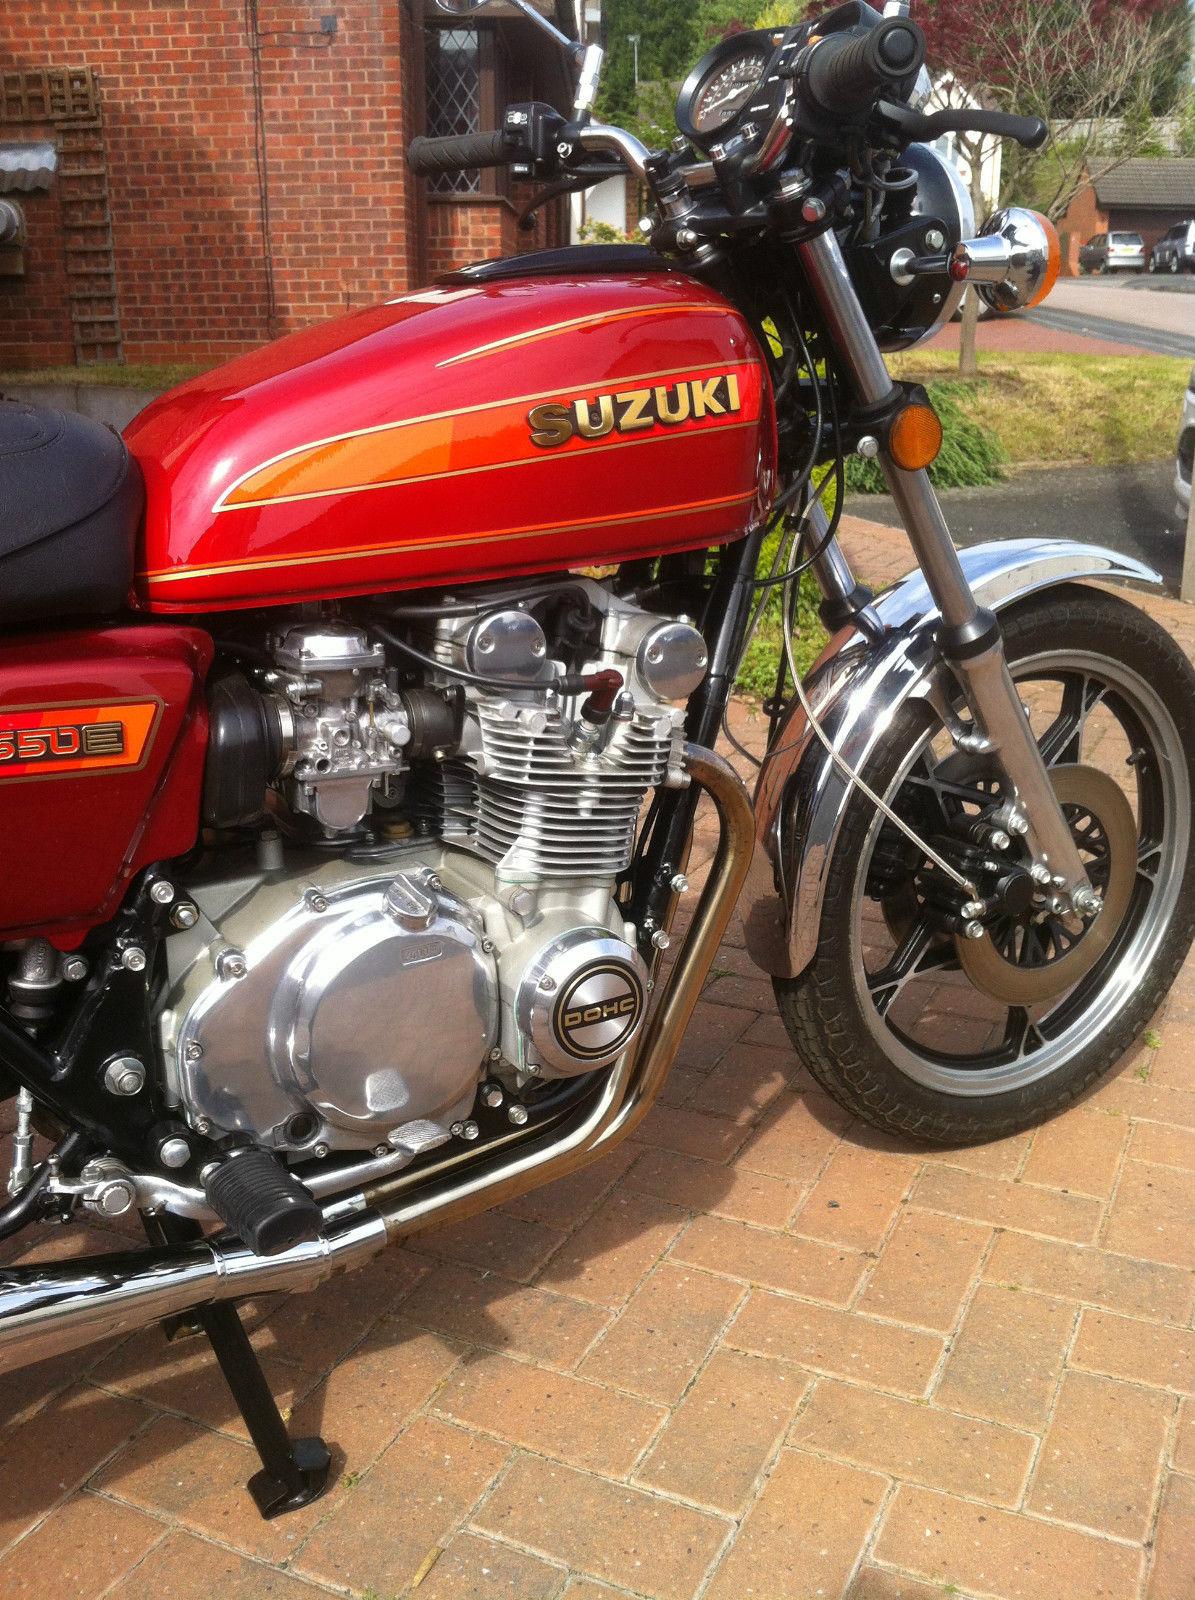 Suzuki GS550 - 1980